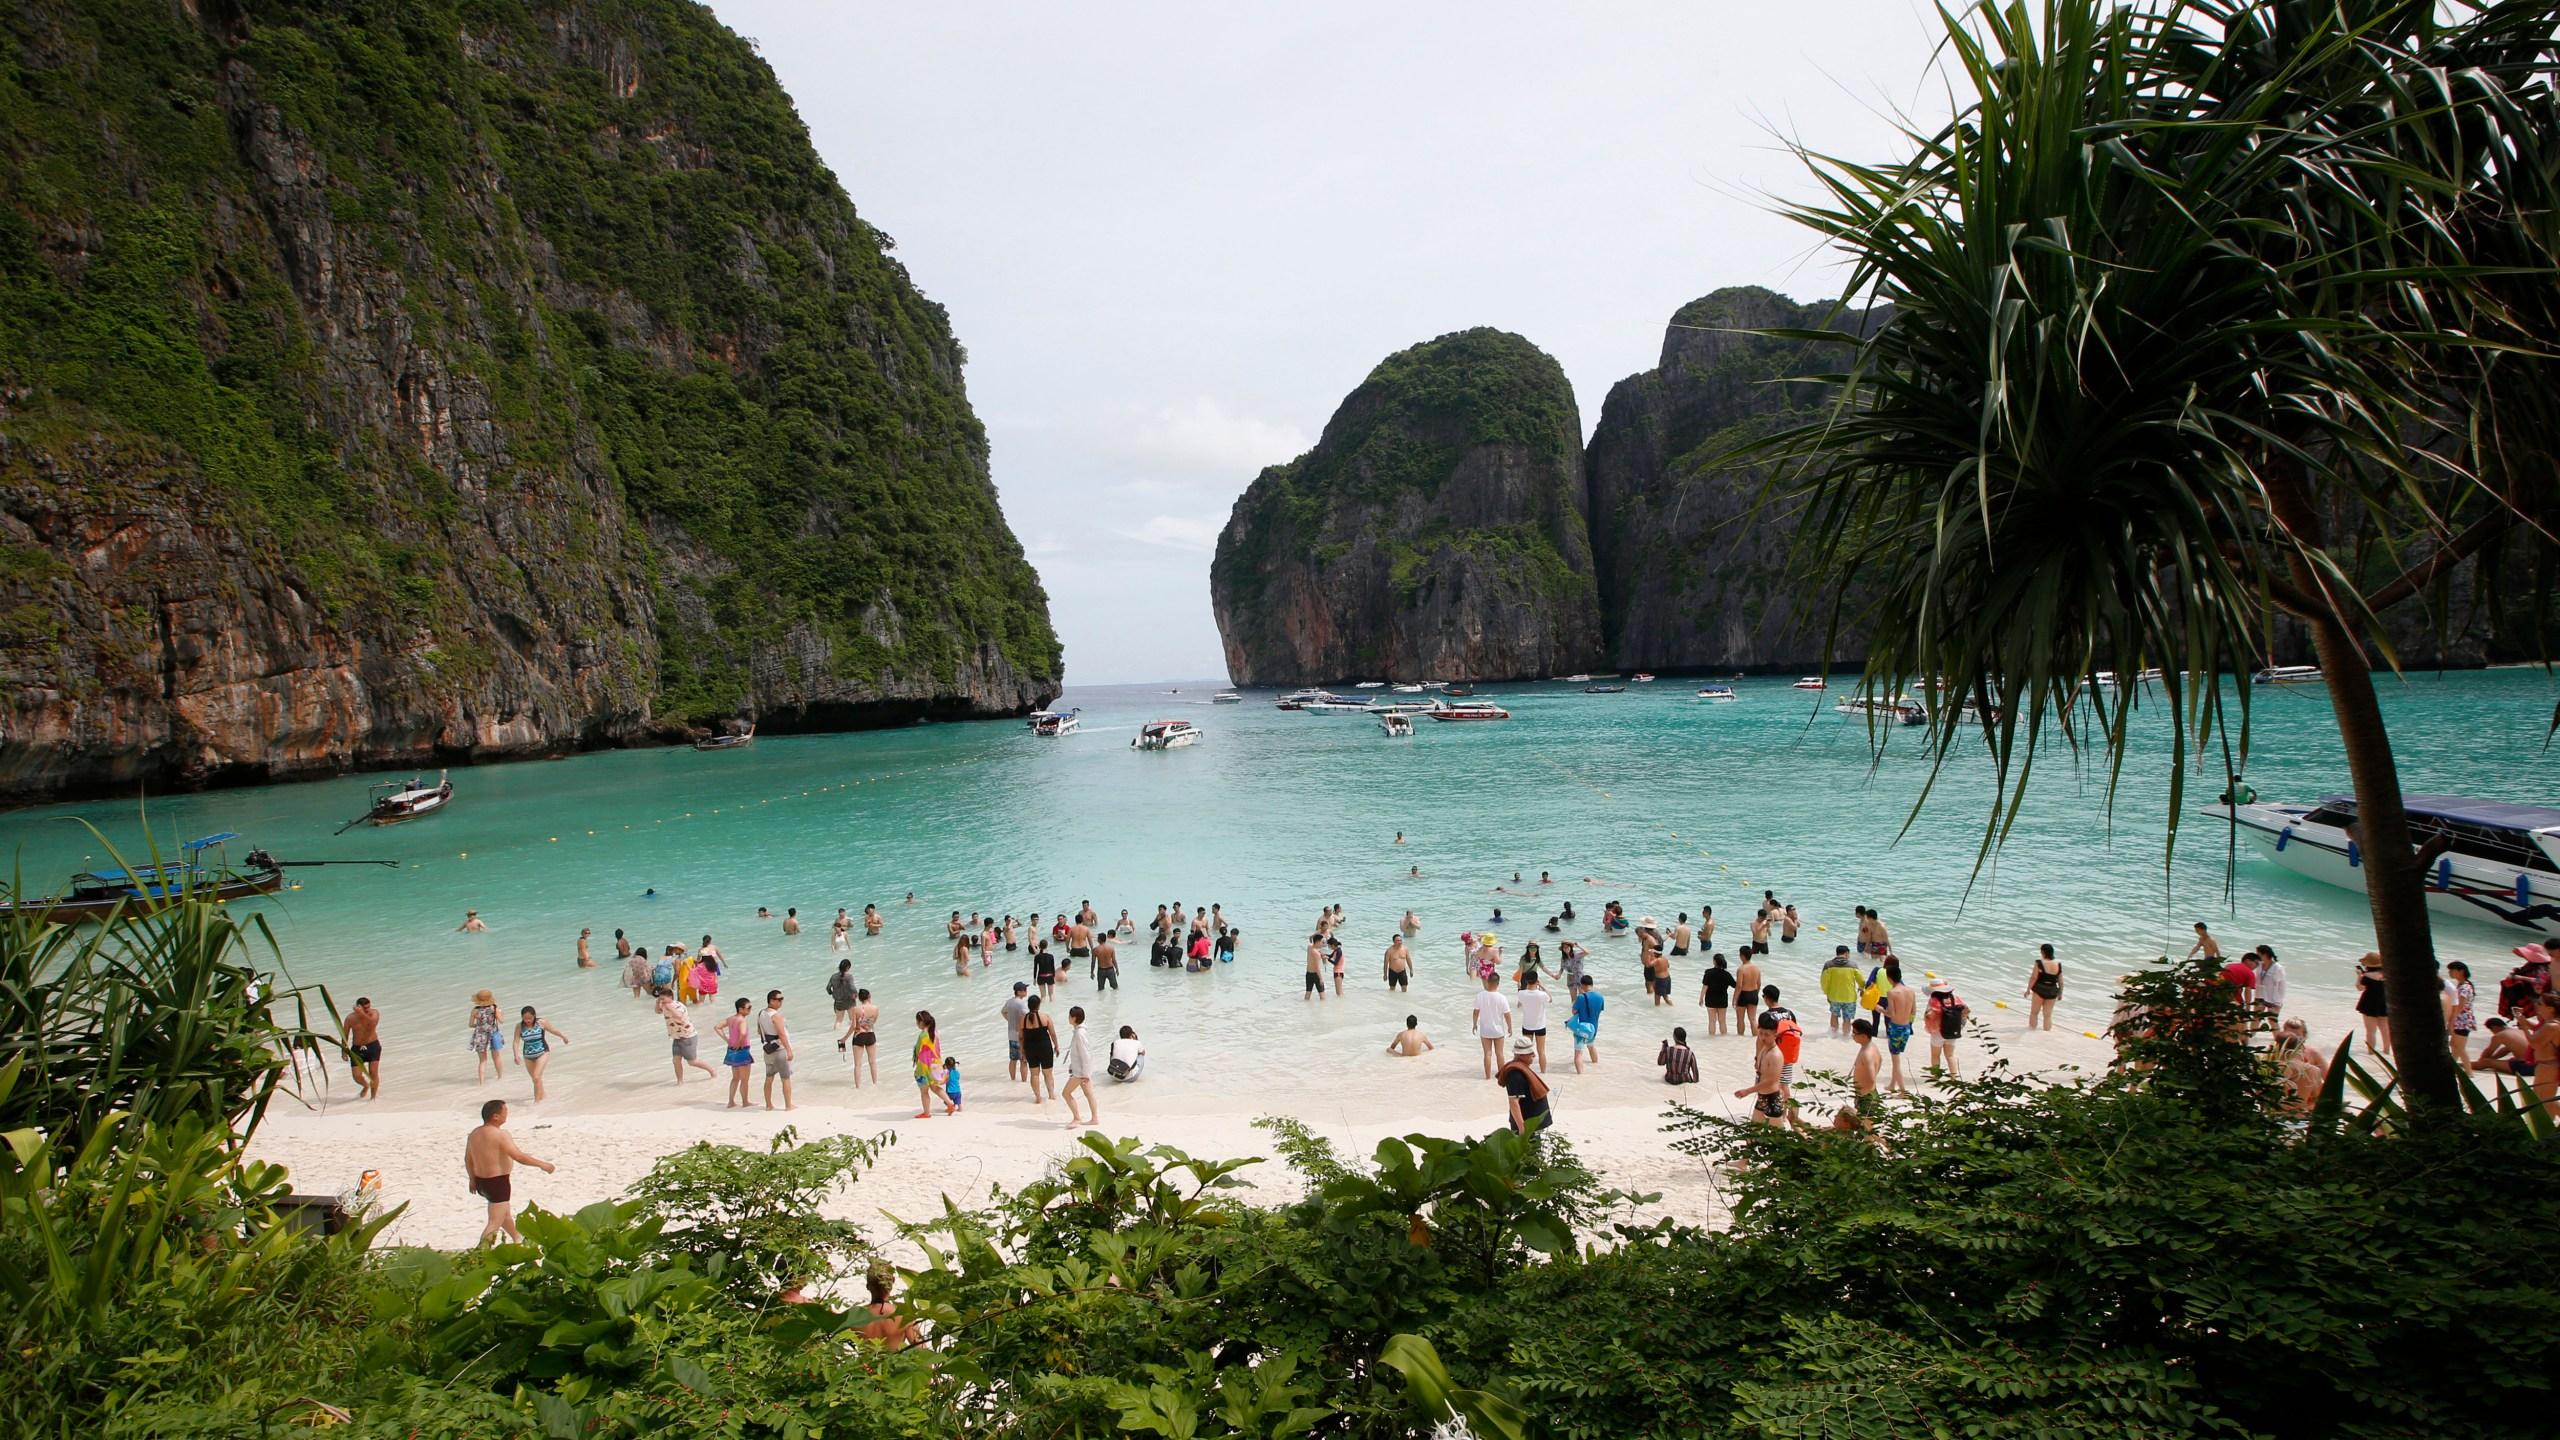 Thailand_Beach_Closure_95342-159532.jpg83533731